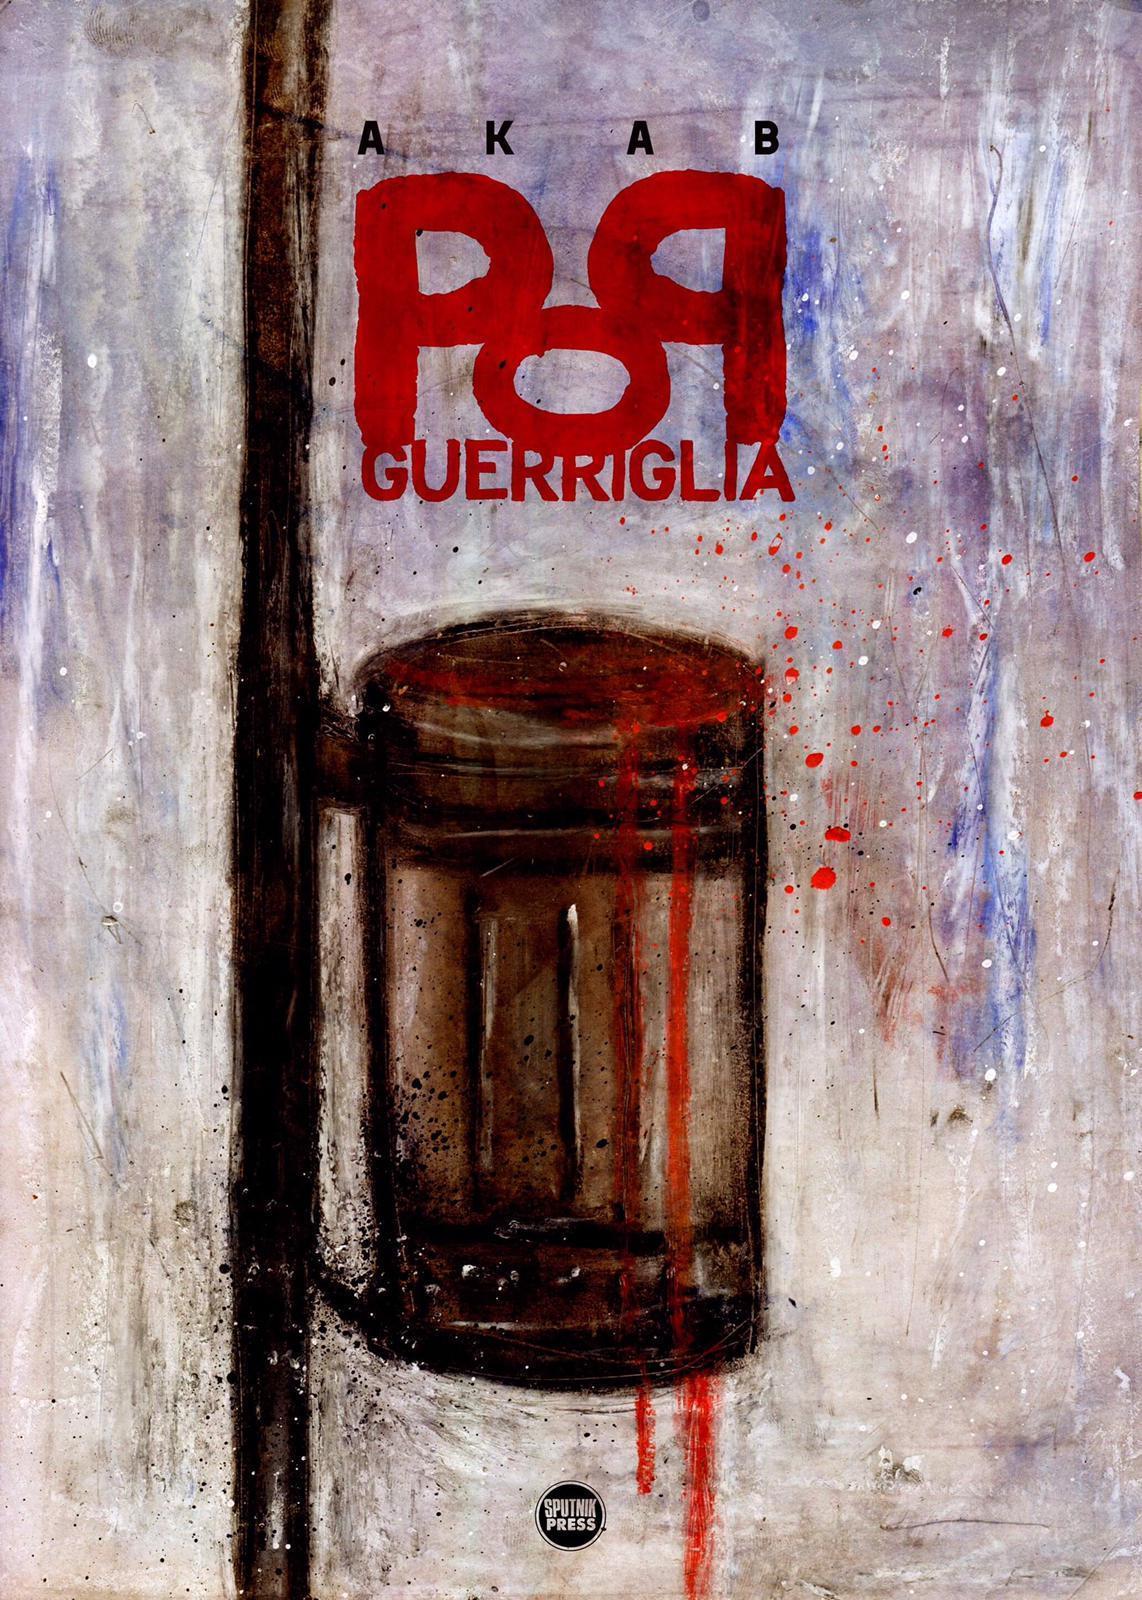 """Sputnik Press pubblica """"Pop Guerriglia"""" di AkaB"""